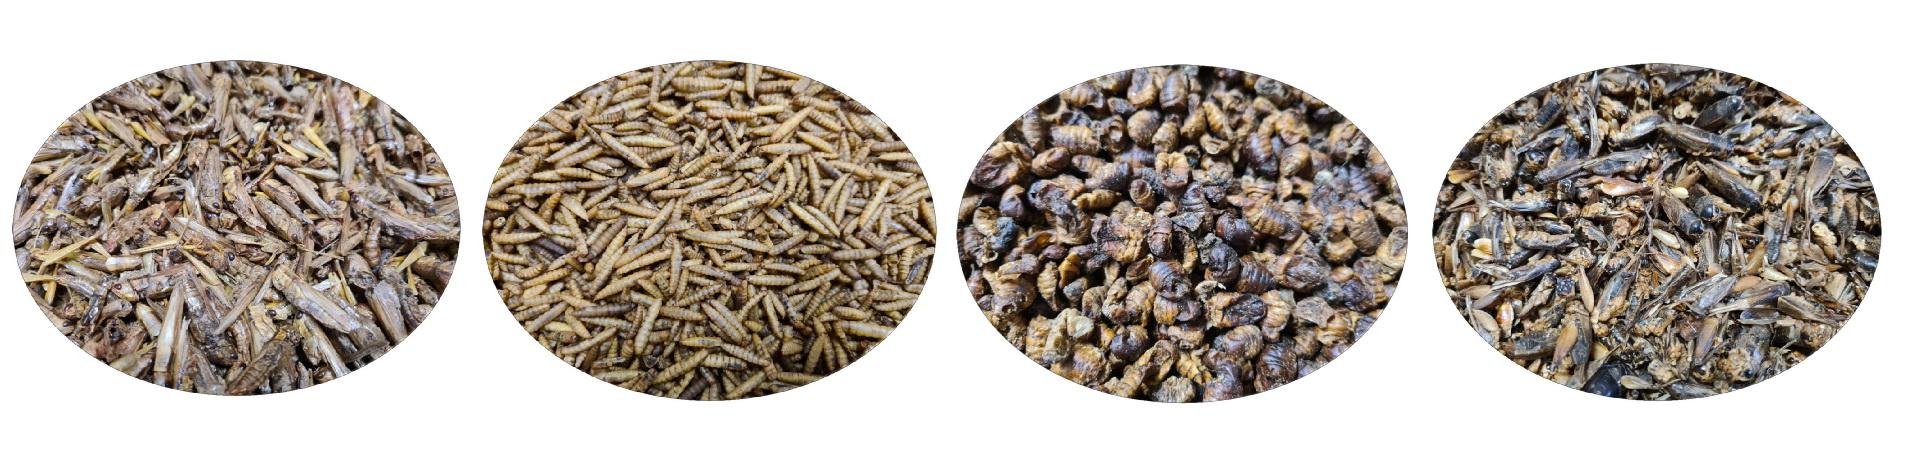 Insectes séchés et algues